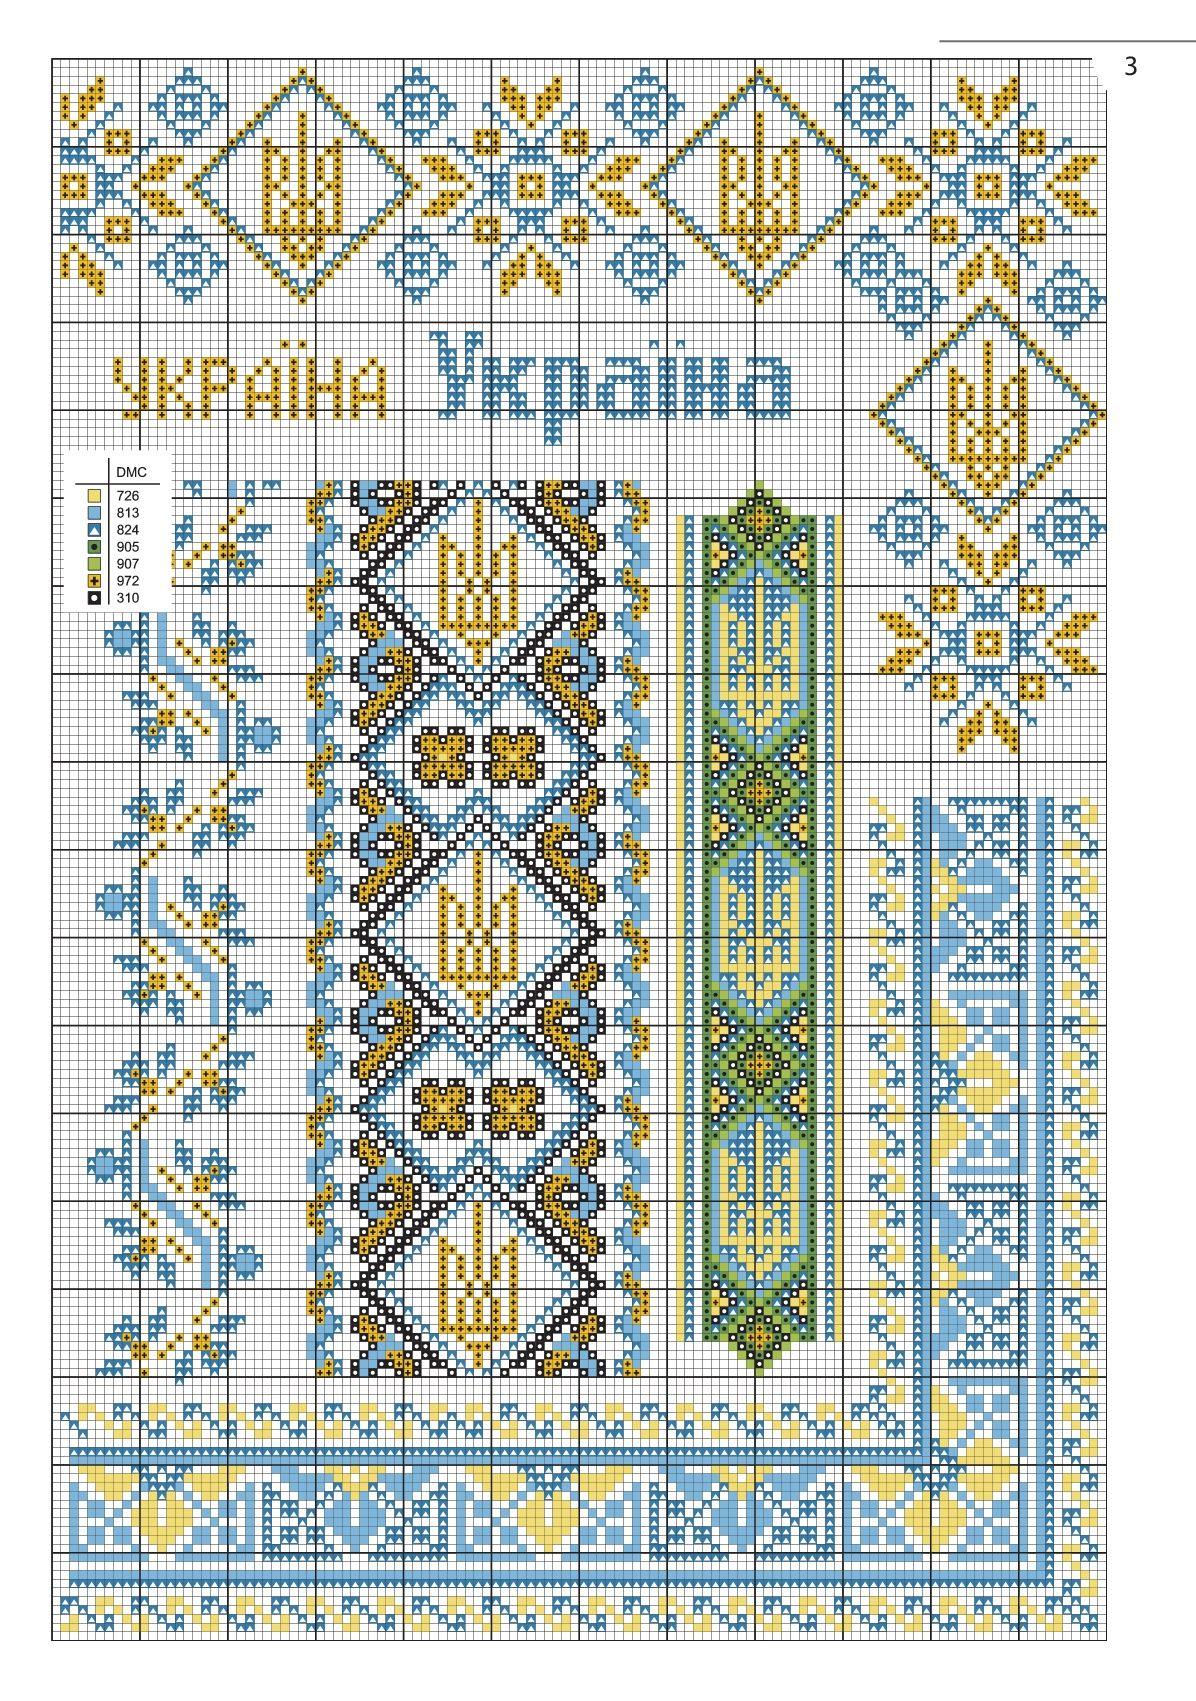 ad7e14c663be0d українська патріотична вишивка з журналу Вишиванка, вишивка хрестиком